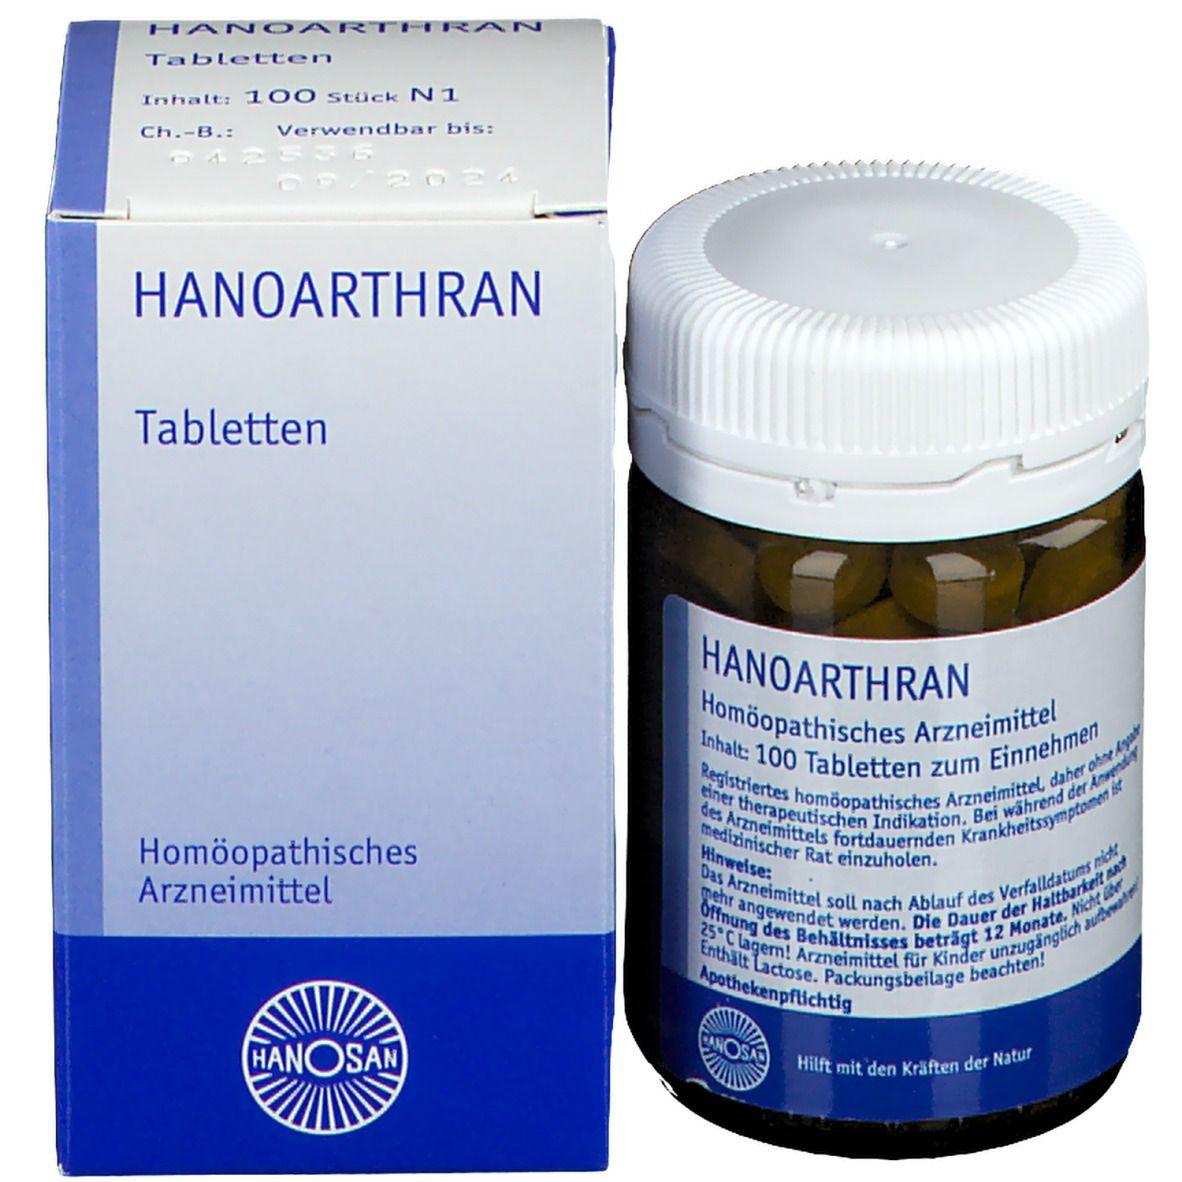 Hanoarthran